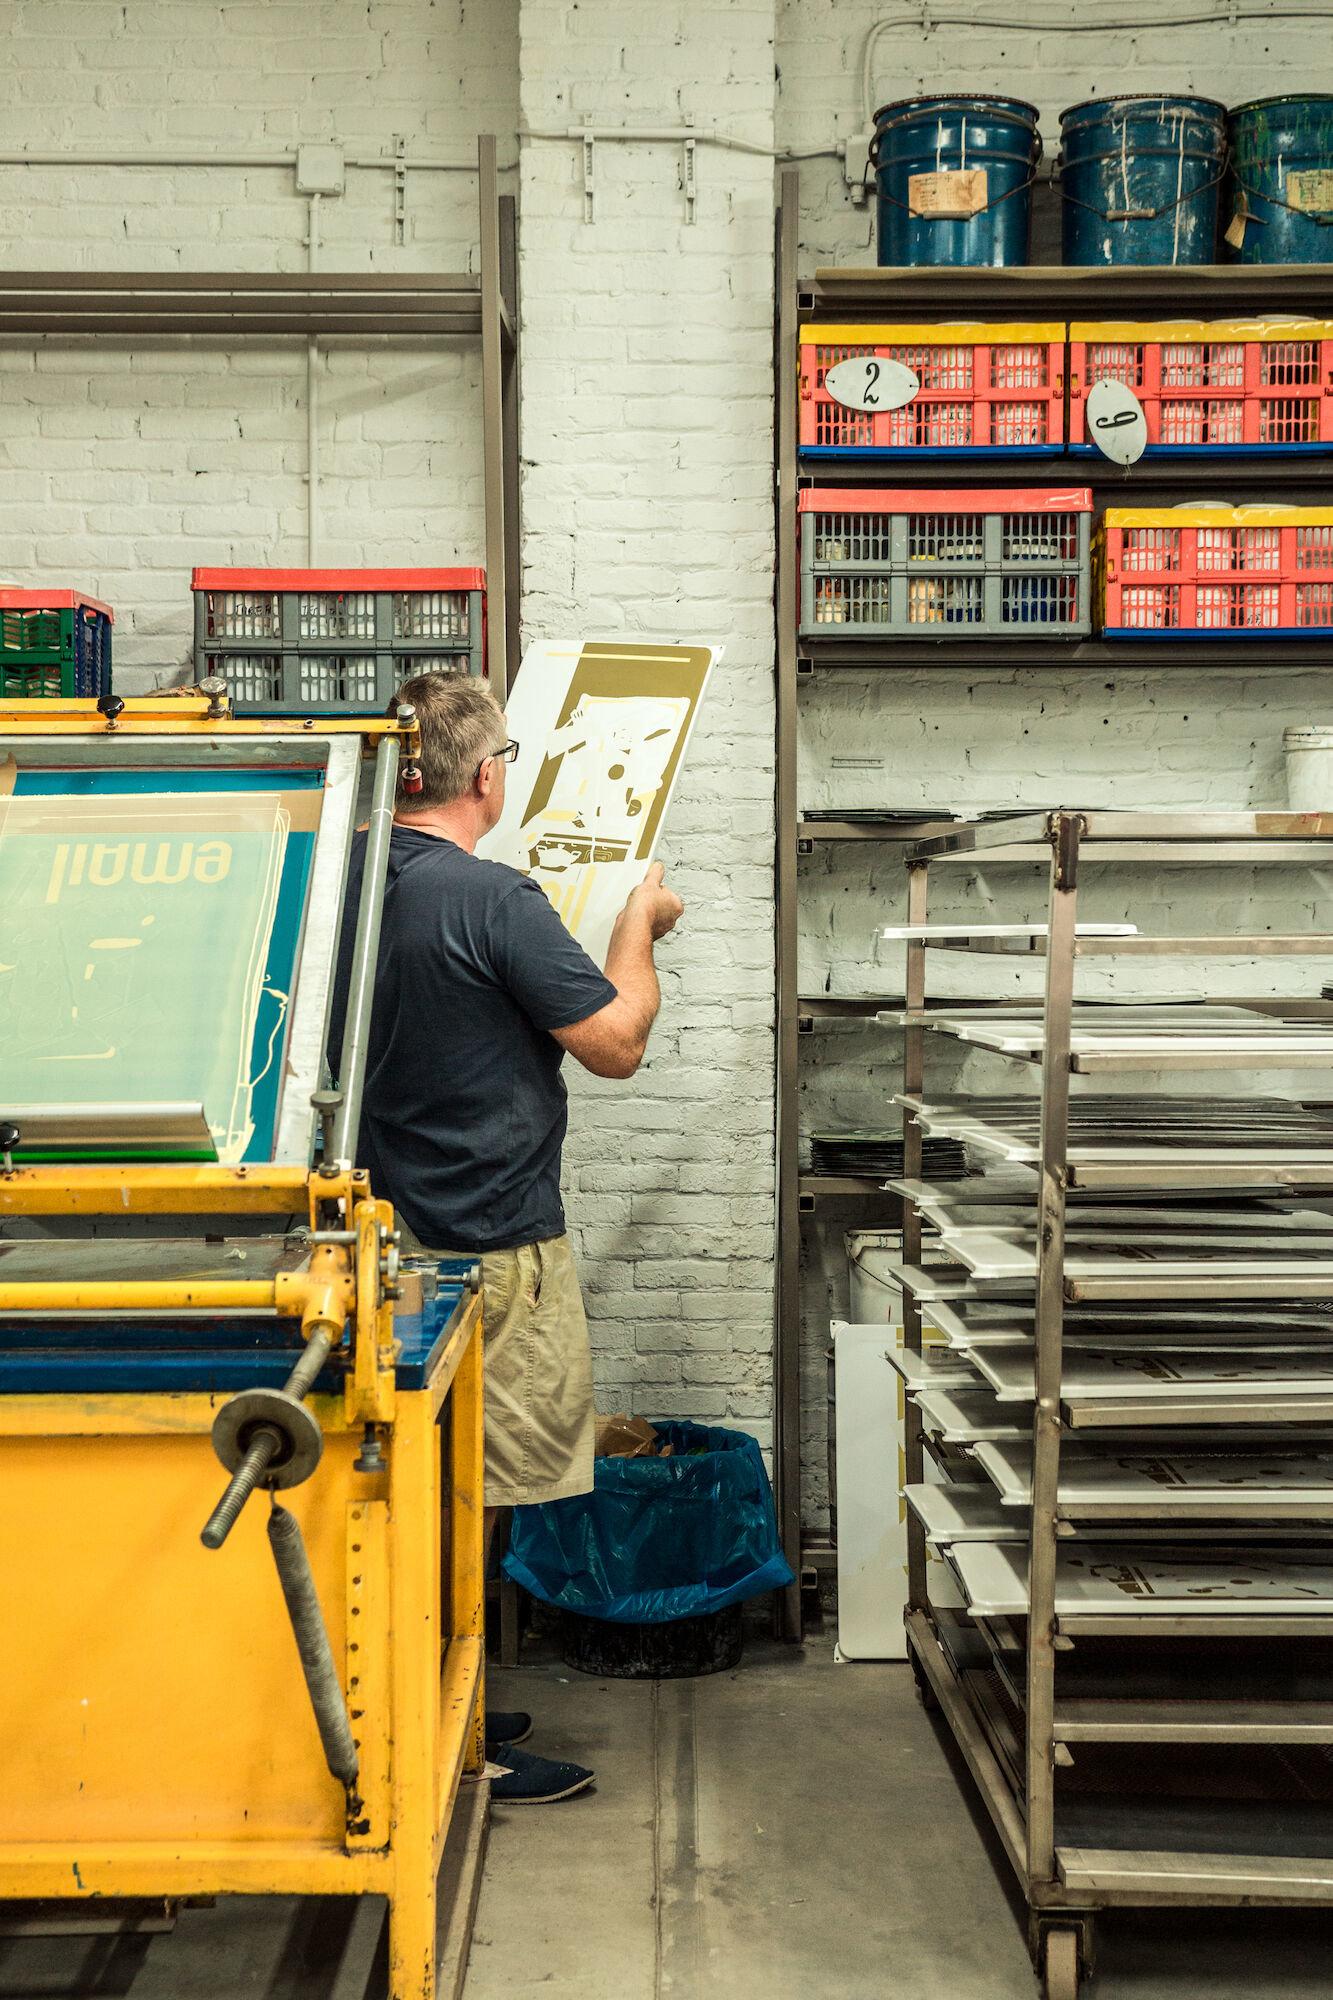 Zeefdrukafdeling in het atelier van Emaillerie Belge